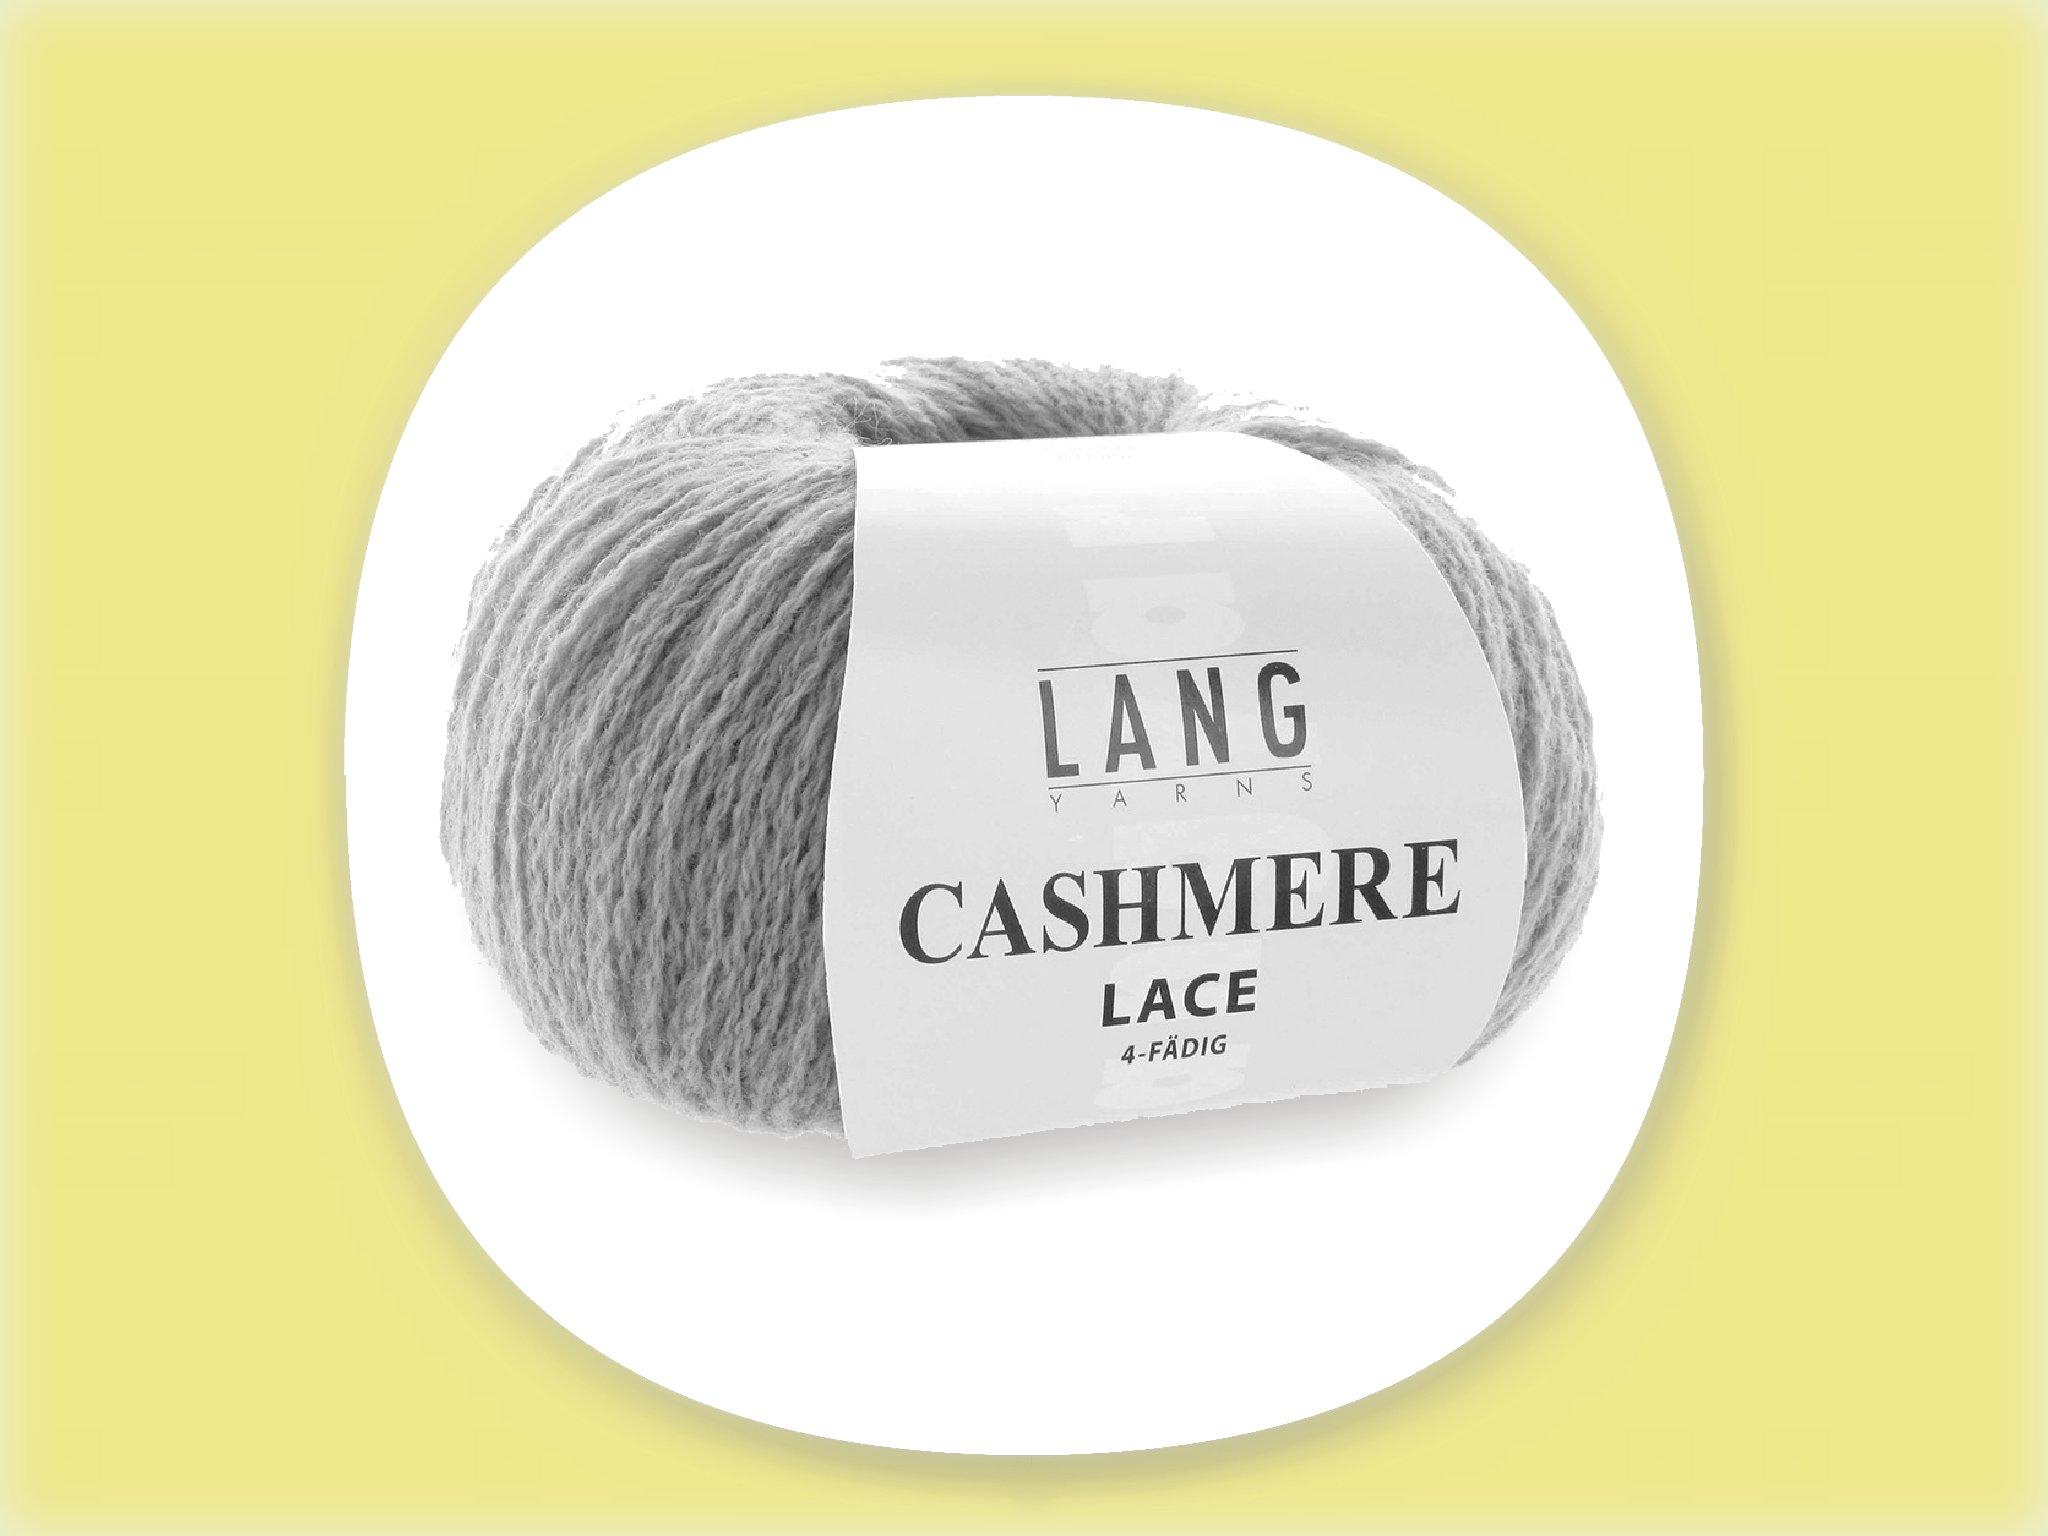 LANG Cashmere Lace